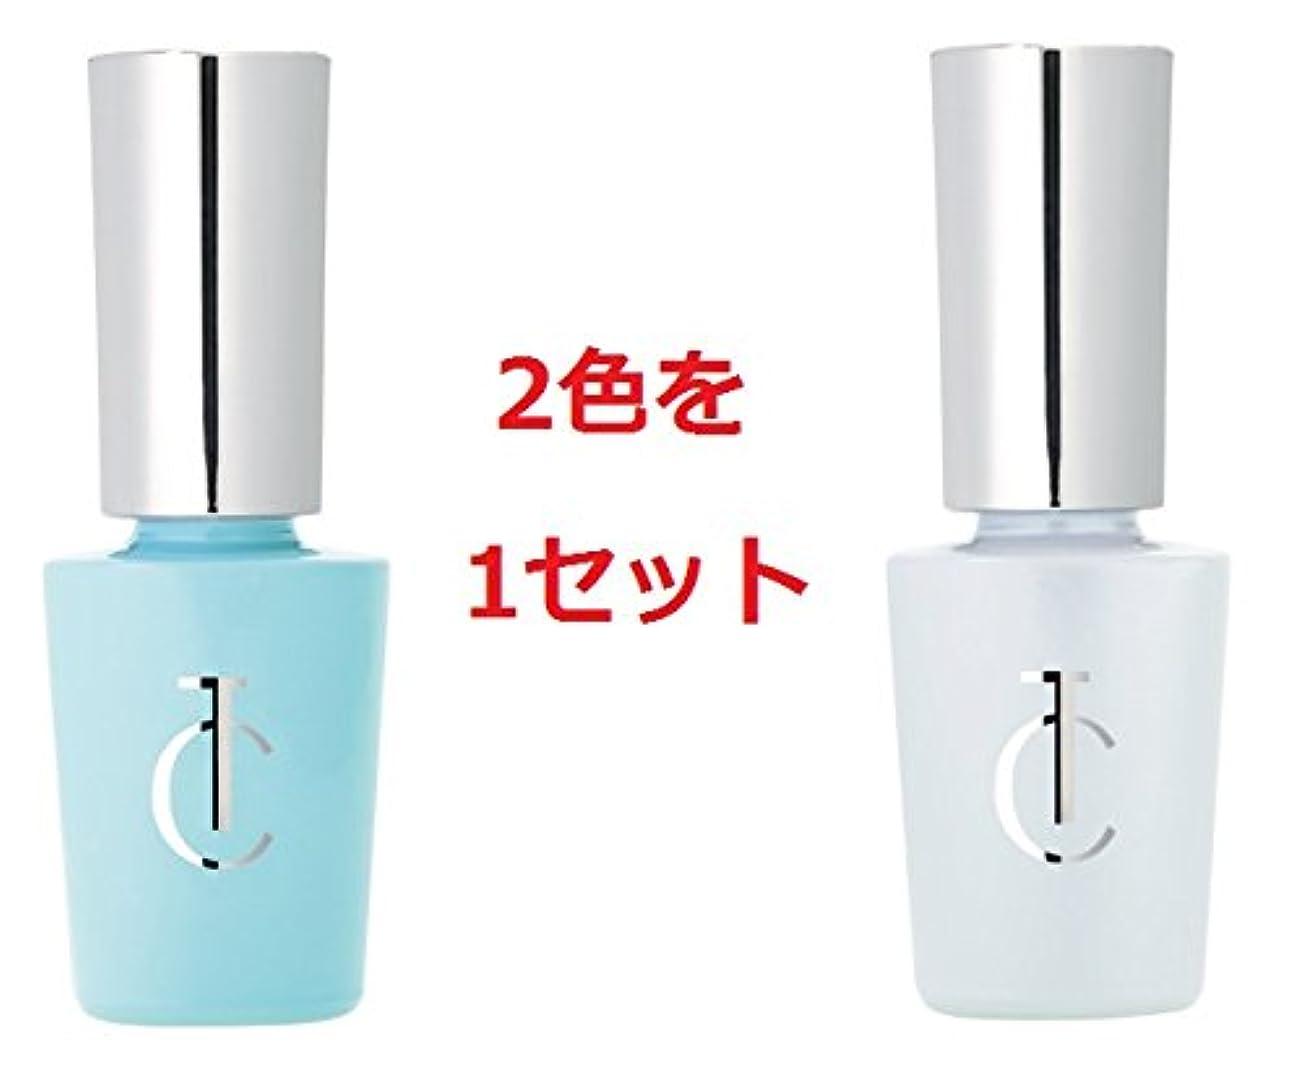 勝つアクティブ優勢TooColor アクアパール、ピュアホワイト2色セット品 [口腔化粧品 歯のマニキュア]マイクロソリューション